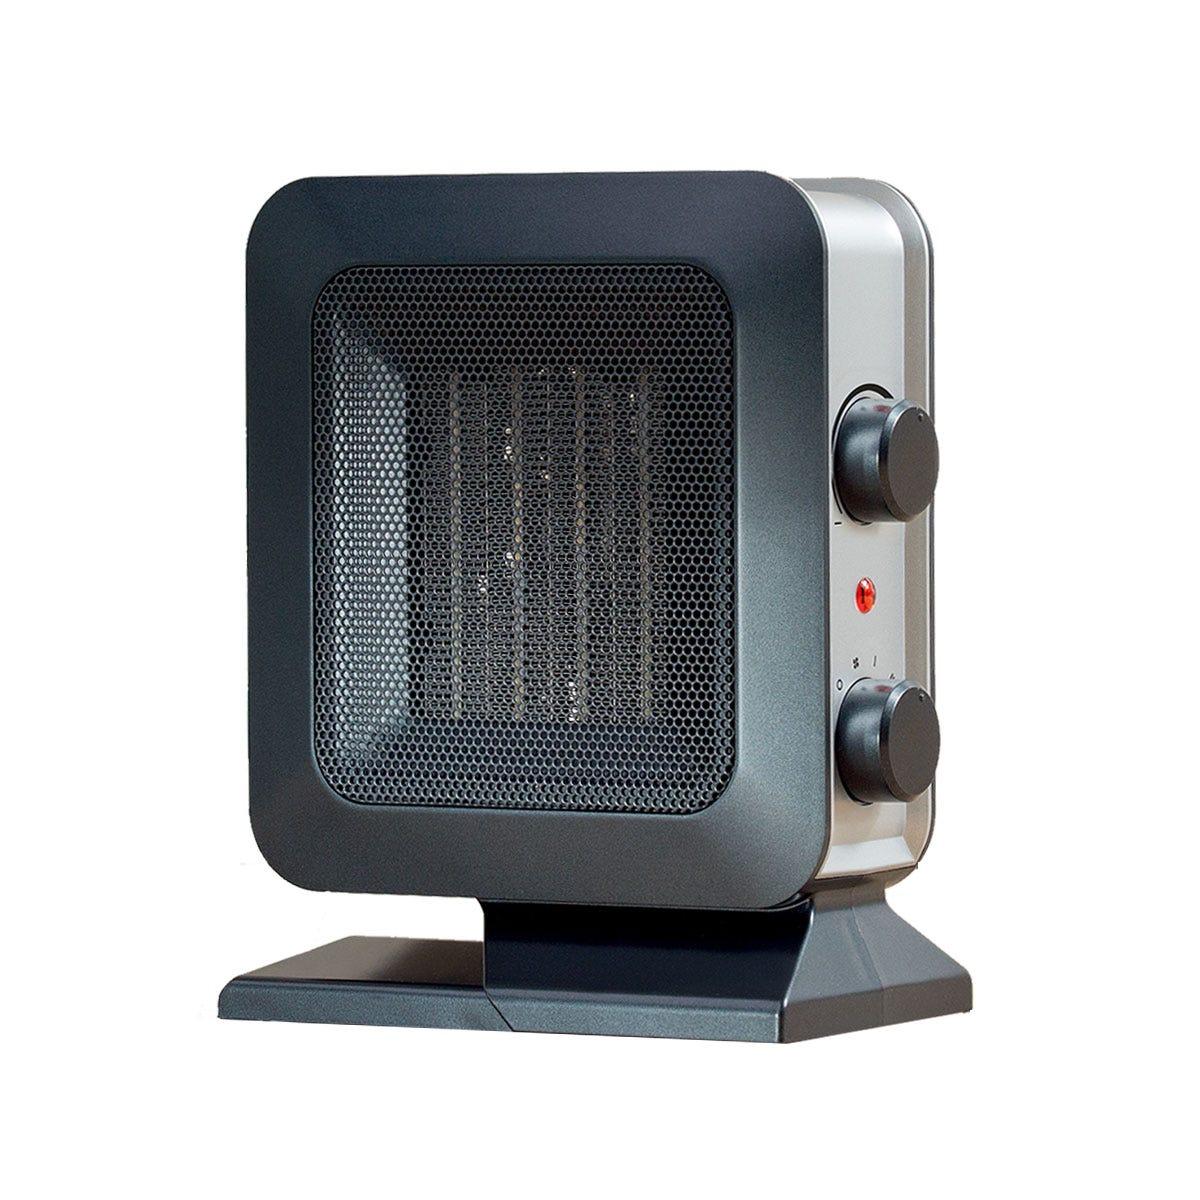 Robert Dyas Positive Temperature Coefficient Fan Heater